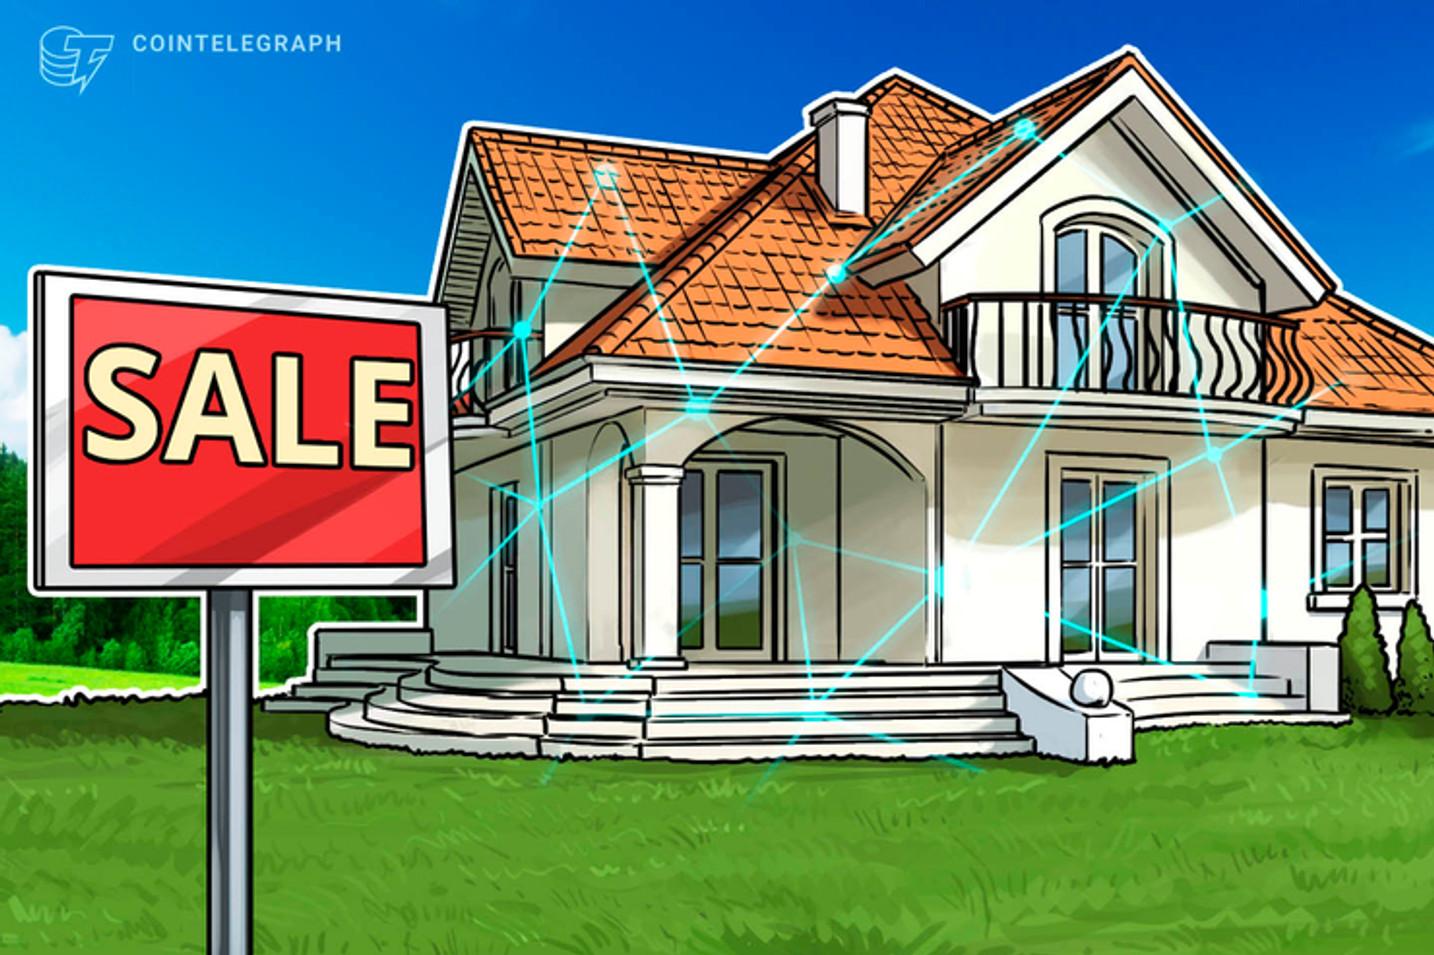 FIBREE y Alastria firmaron un acuerdo para impulsar blockchain en el sector inmobiliario español